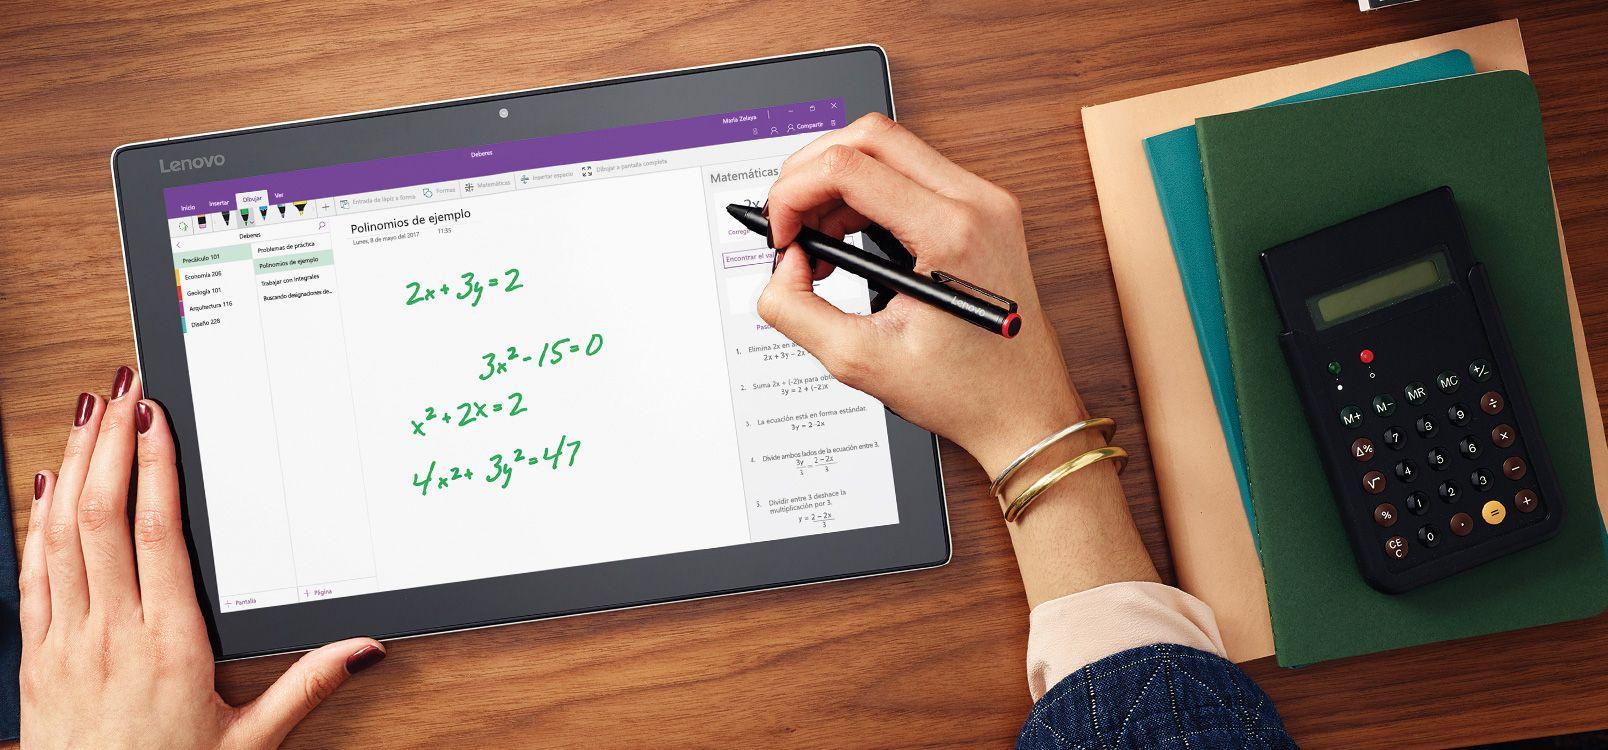 Pantalla de una tableta en la que se muestra OneNote usando el asistente para la escritura matemática de entrada de lápiz